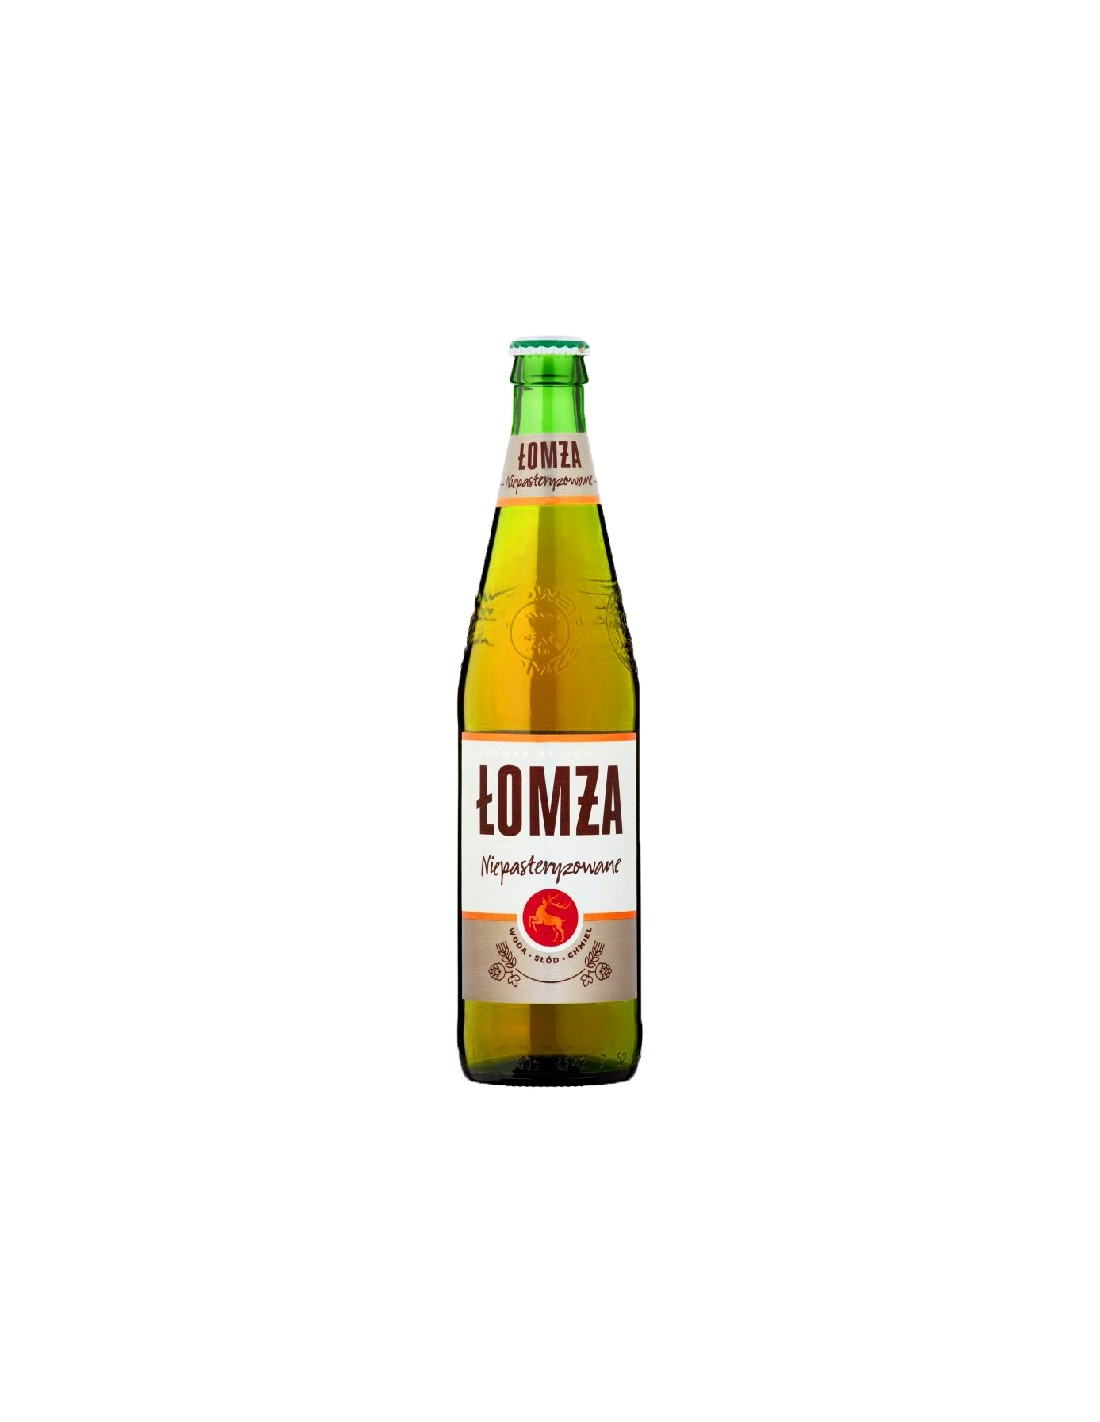 Bere blonda, nepasteurizata Lomza, 6% alc., 0.5L, Polonia